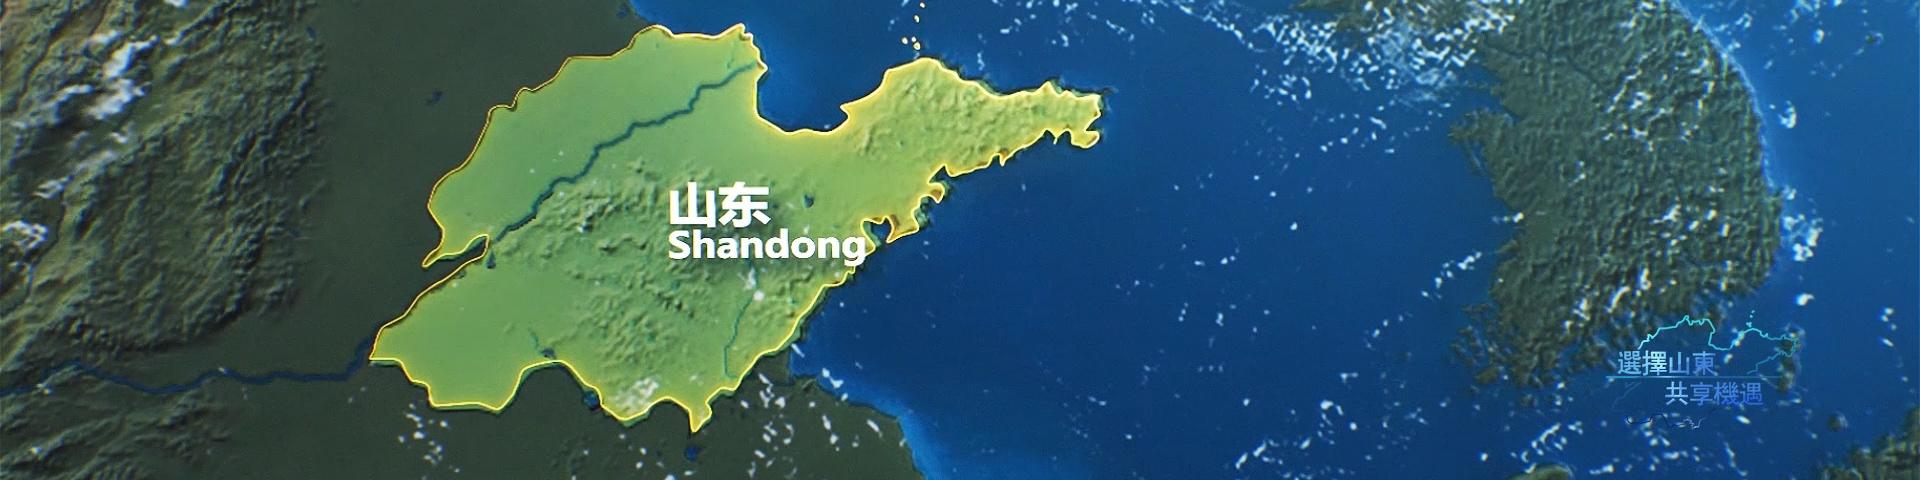 香港静帧1.jpg